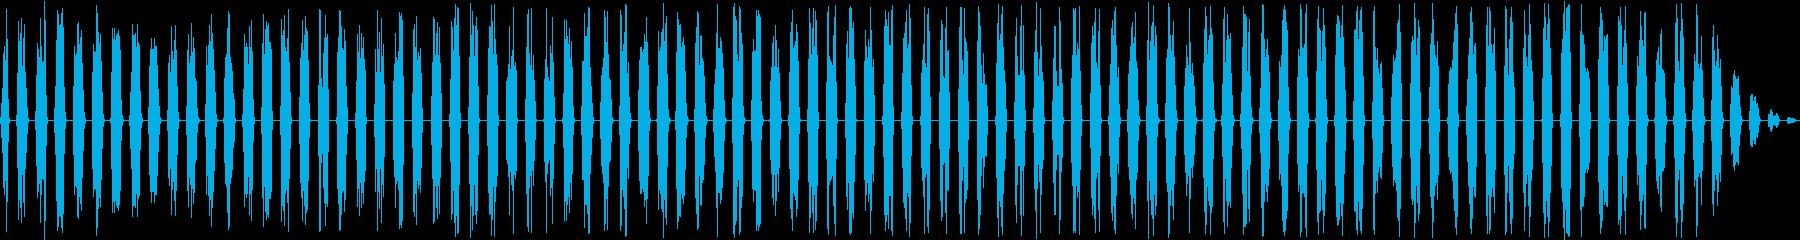 フランジングスワイプ2、パンニング...の再生済みの波形